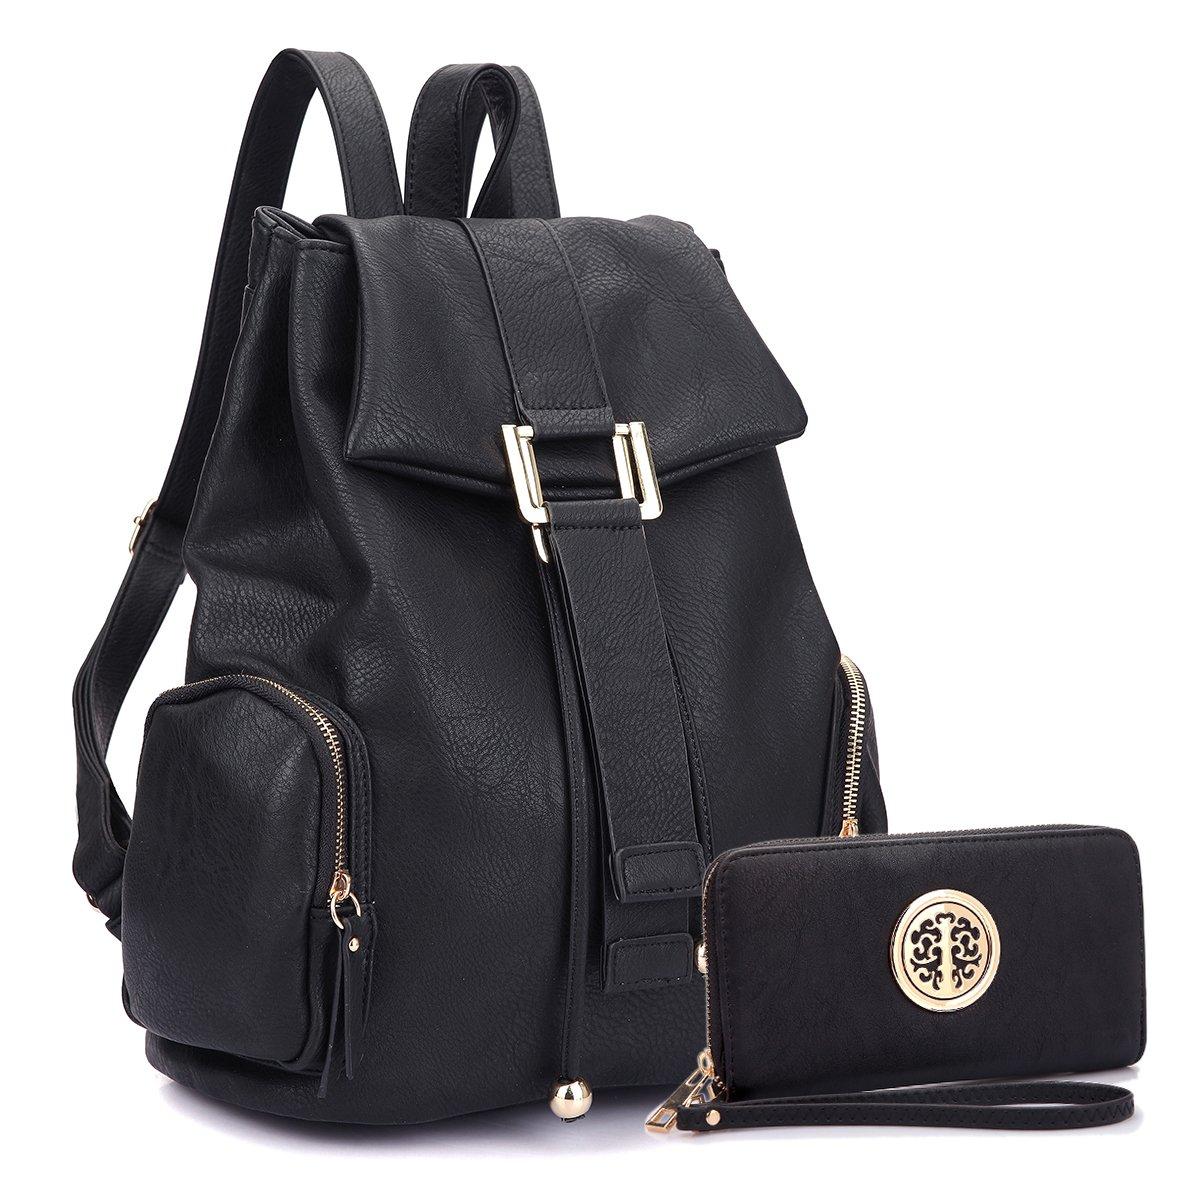 MMK collection Women Fashion Drawsrting Backpack with wallet (2443)~Designer Purse for Women ~Multi Pocket Backpack~ Beautiful Designer Handbag Set (11-2443-BK)